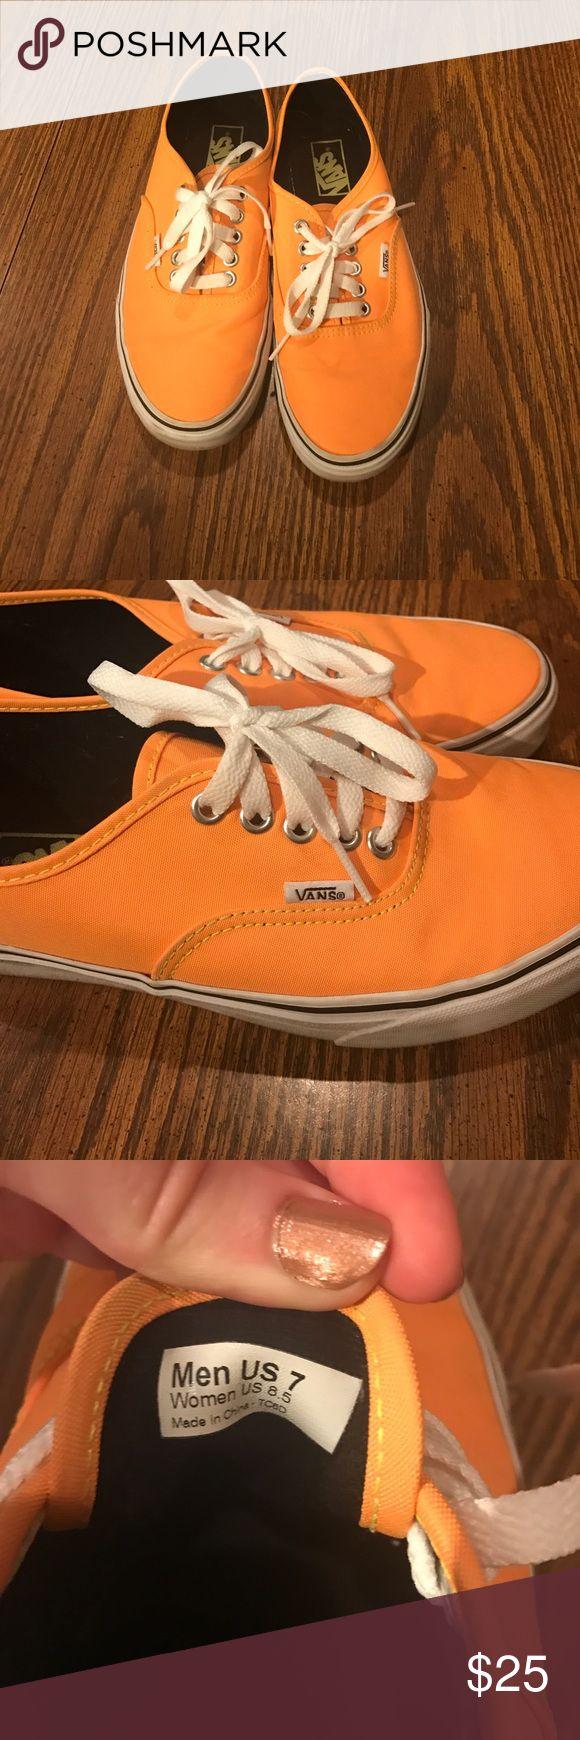 Orange vans Men's 7 women's 8.5 orange vans Vans Shoes Sneakers